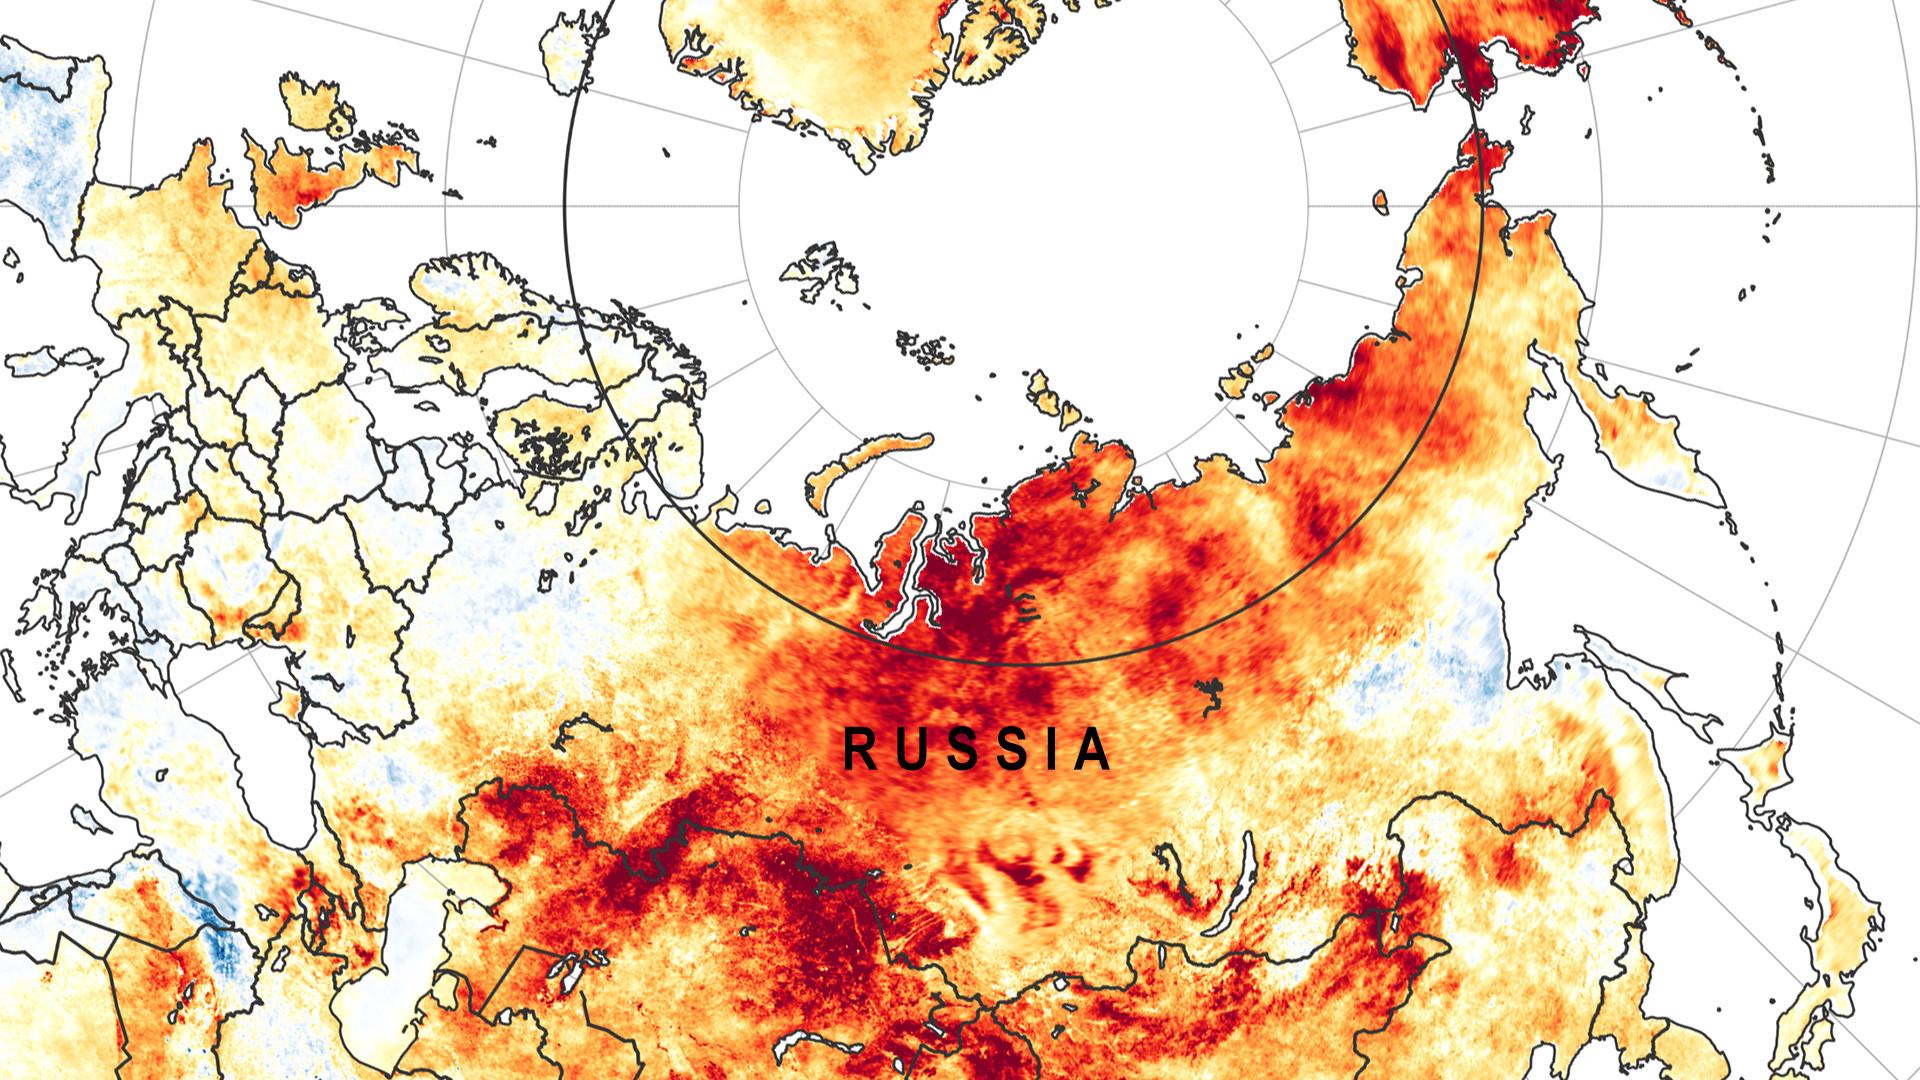 Différences de températures entre les printemps de 2003 et 2018